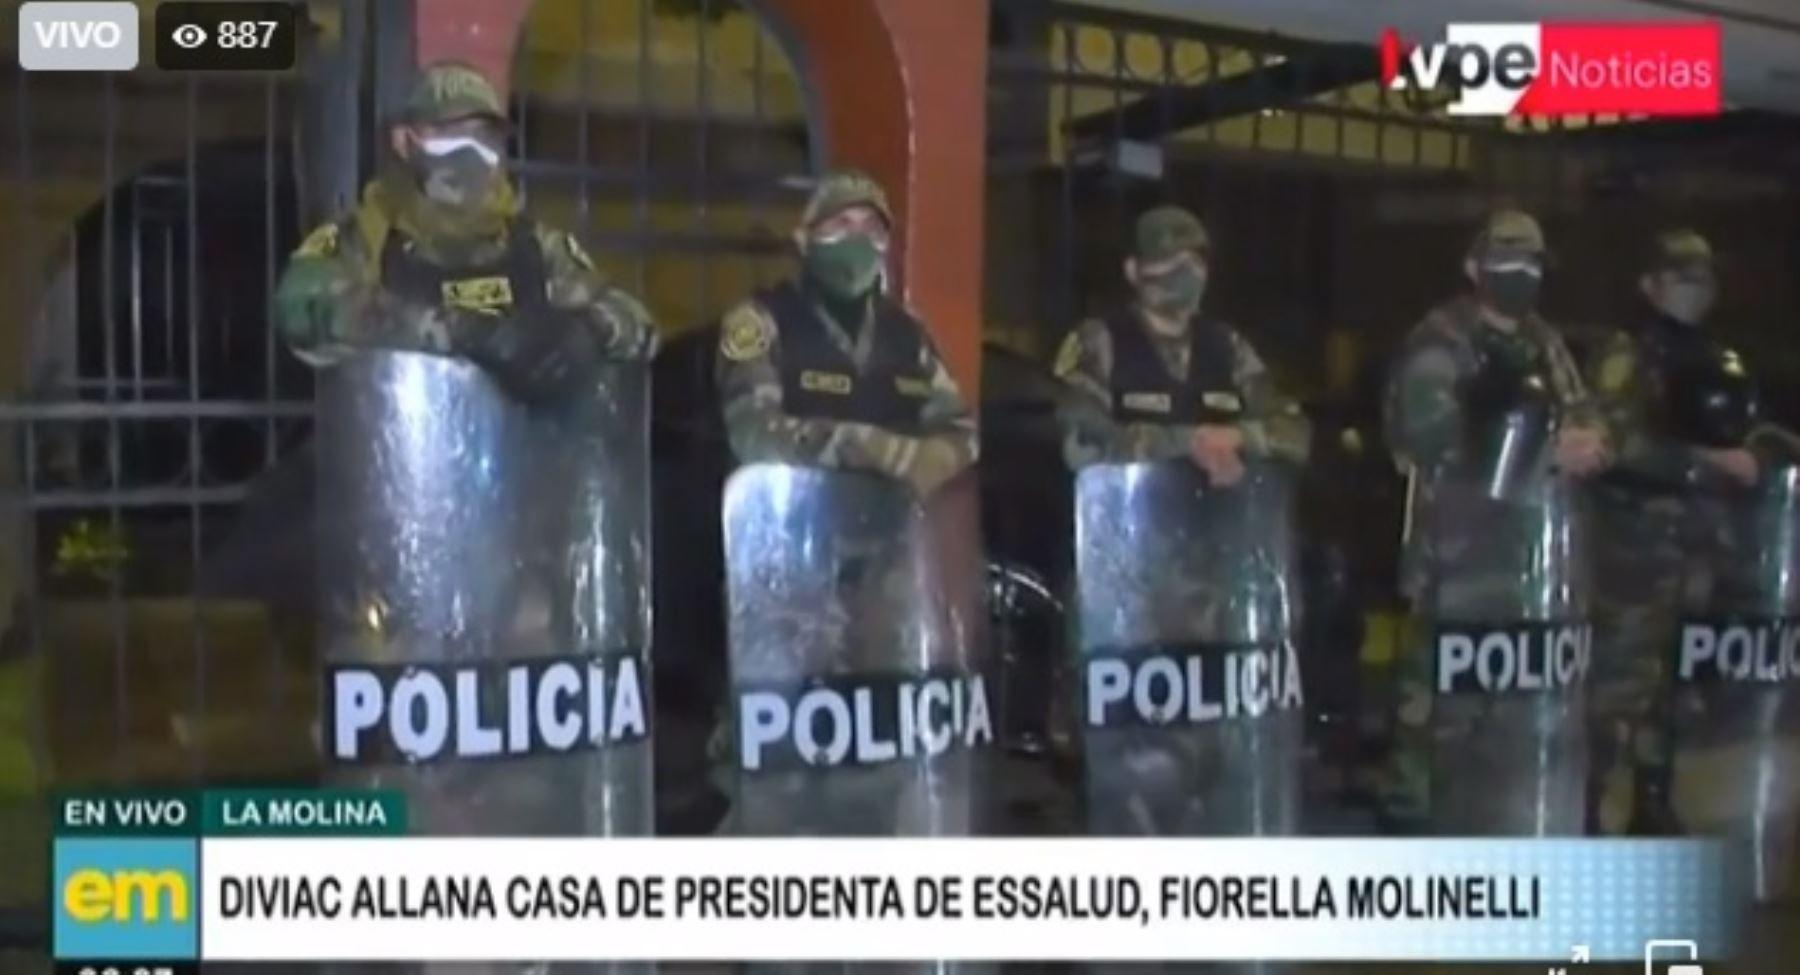 EsSalud: Diviac allana vivienda de Fiorella Molinelli y oficinas de entidad